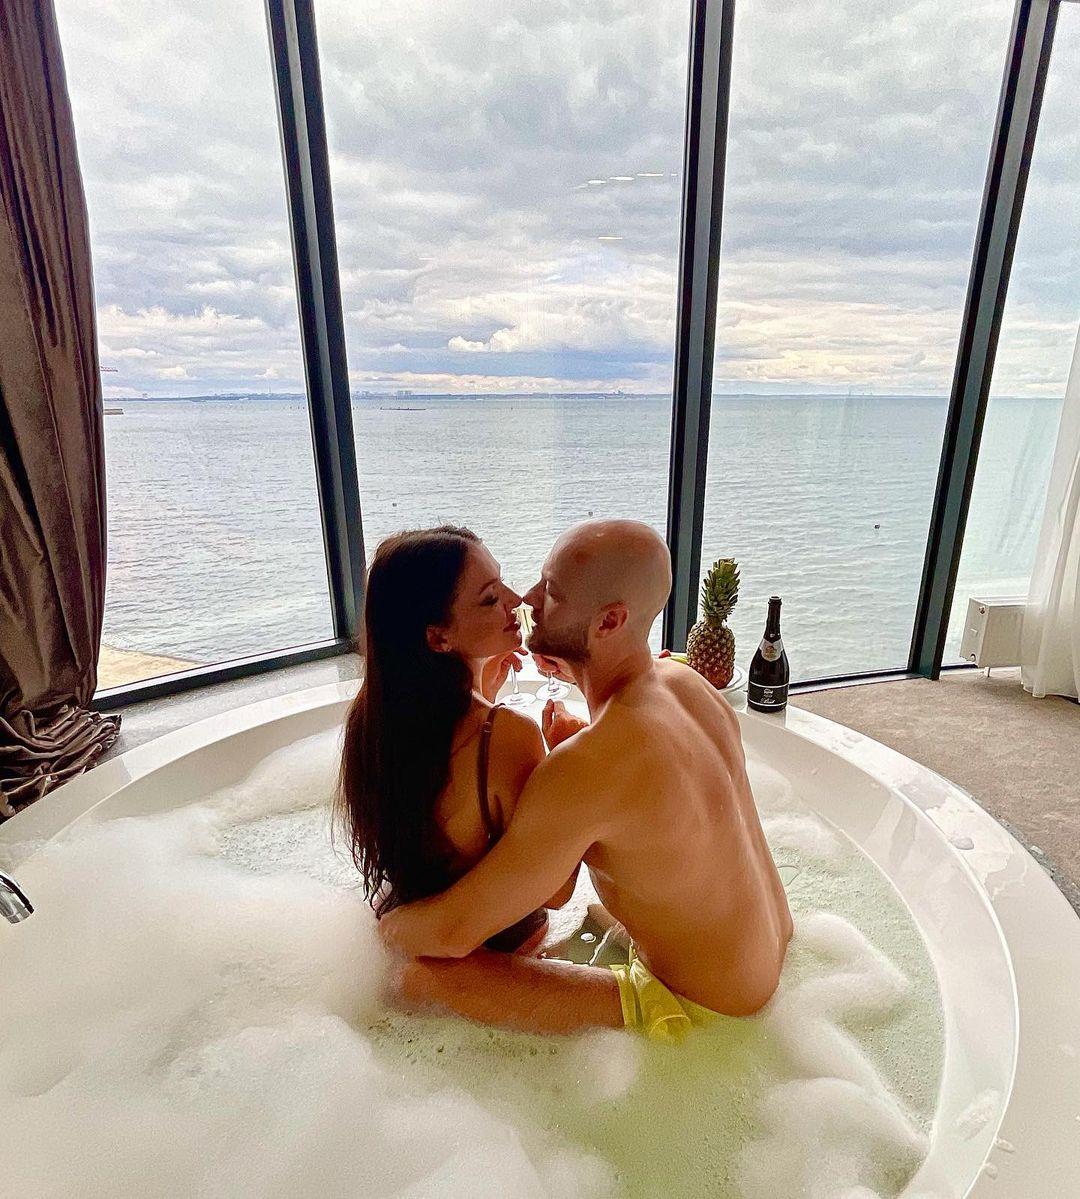 Космічно красиві: Влад Яма з дружиною показали романтику в джакузі